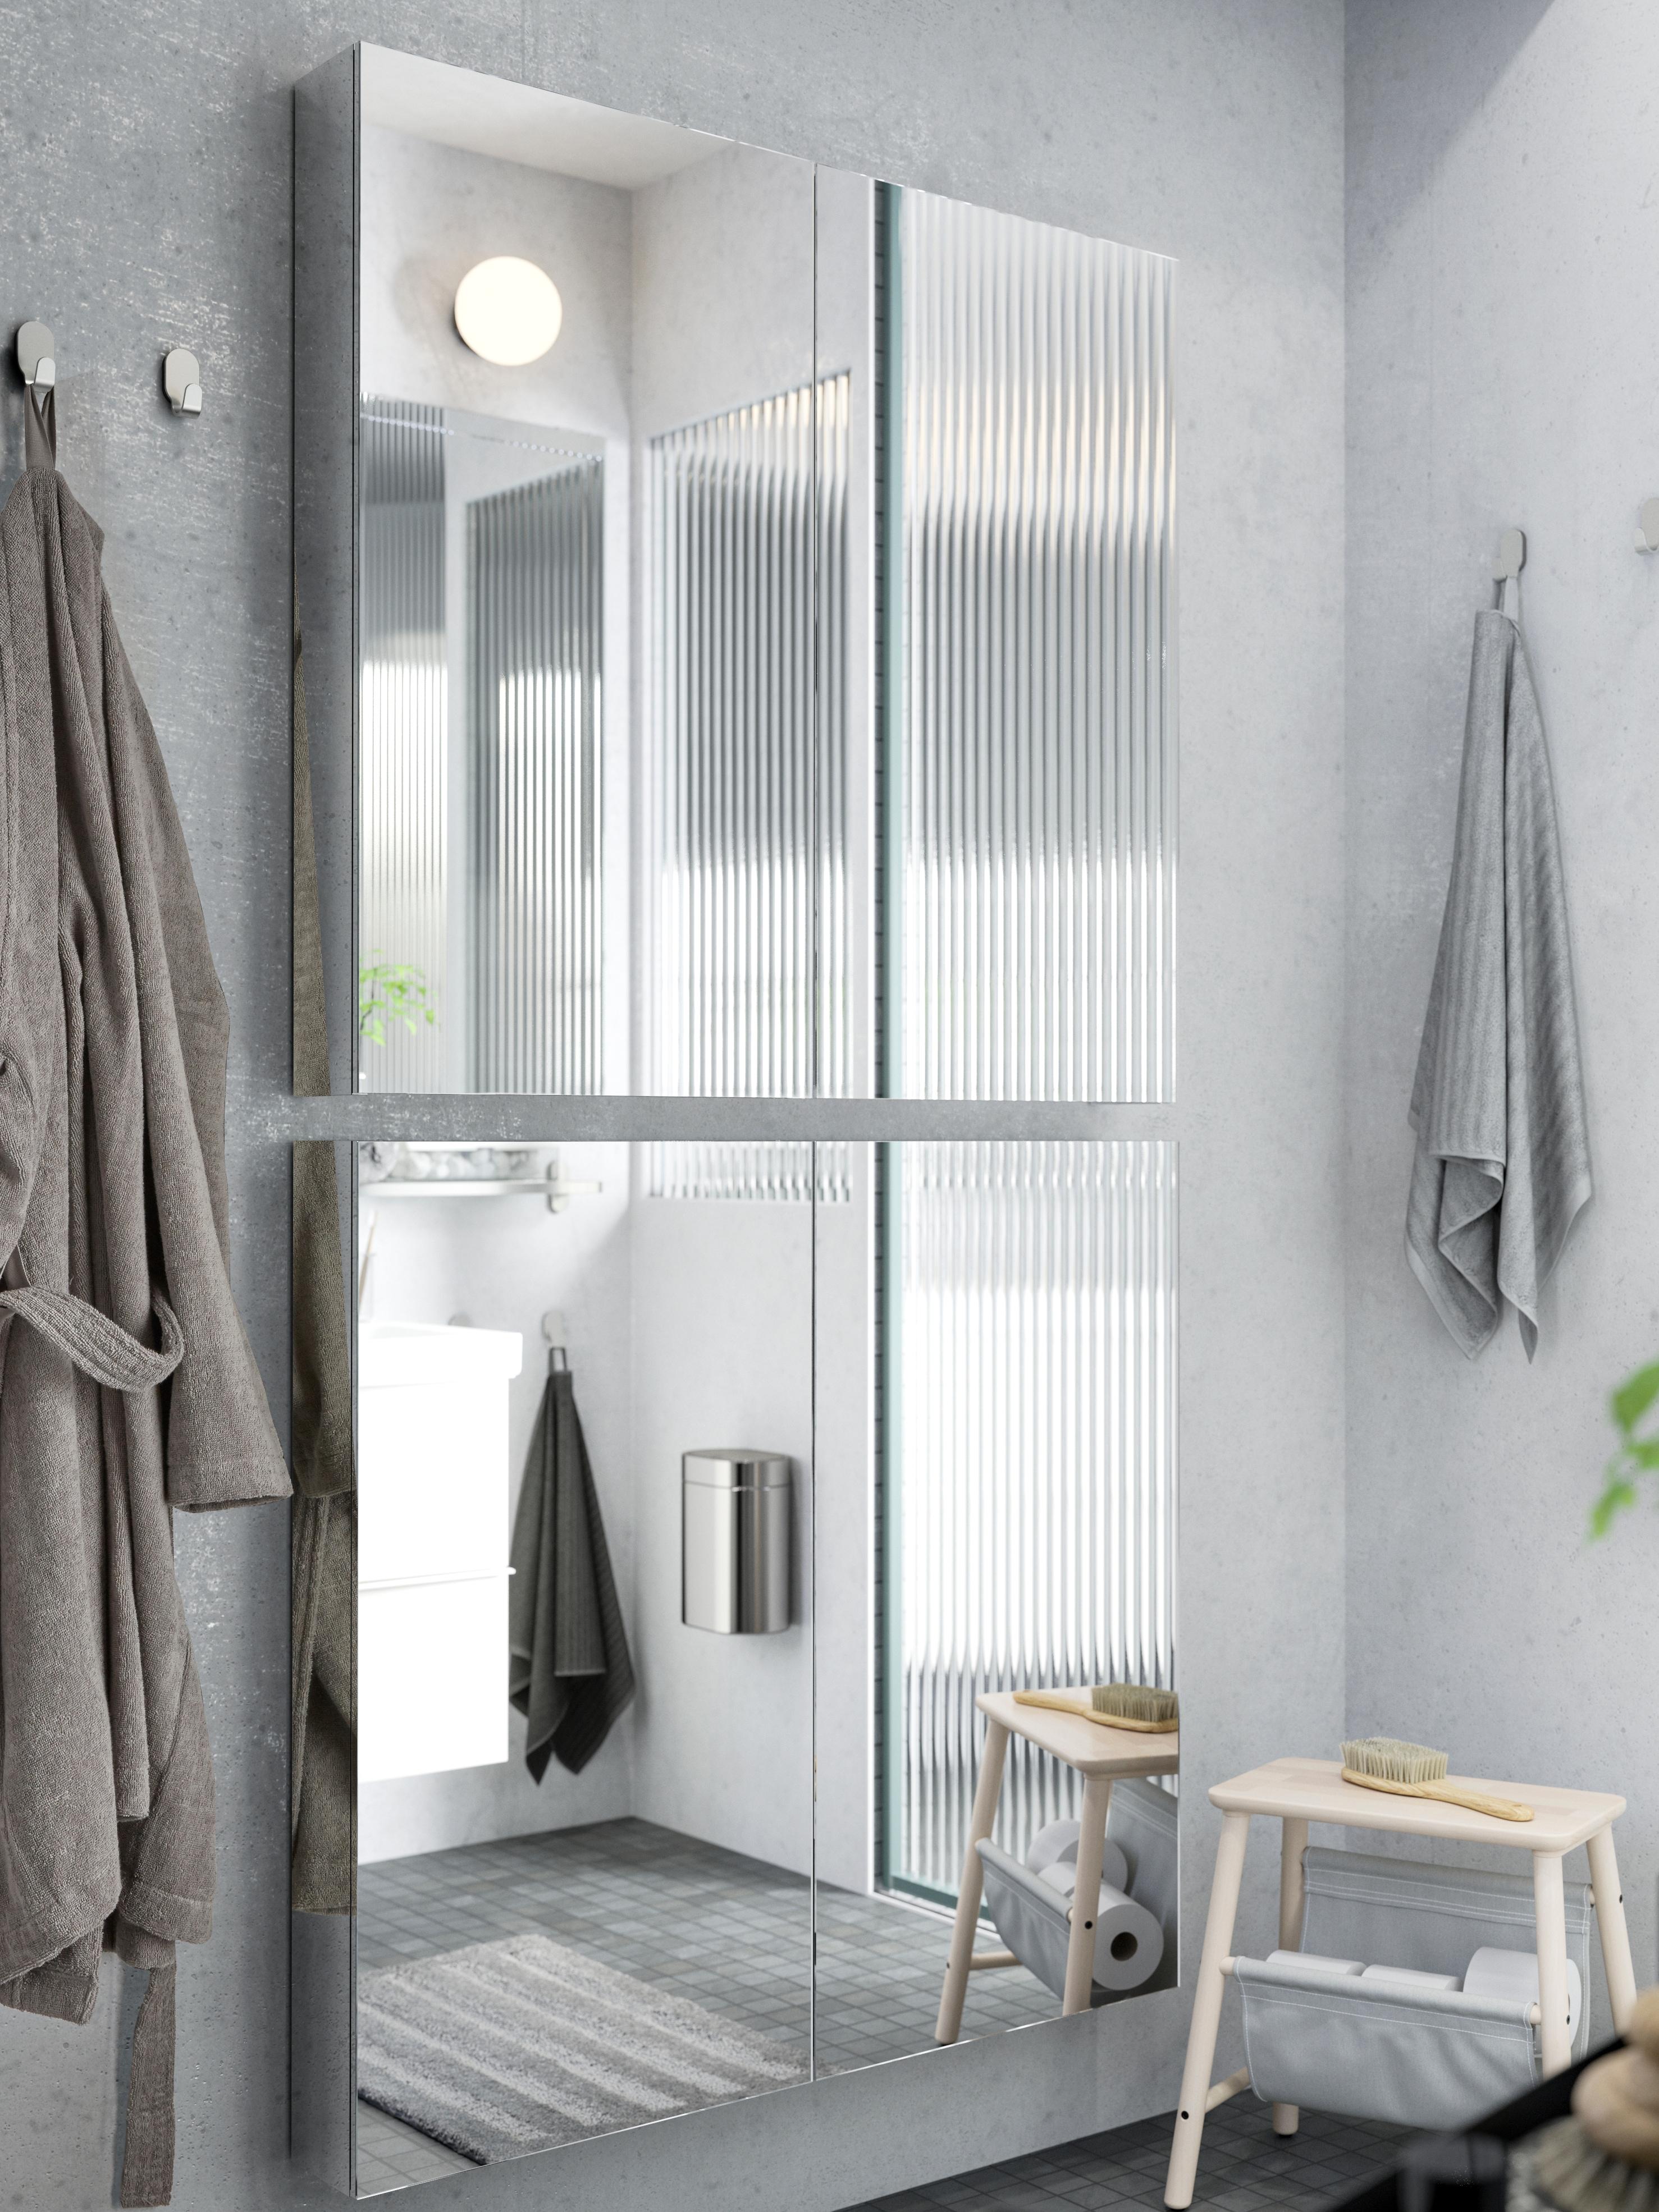 Dva GODMORGON elementa s ogledalima, svaki s dvoja vrata, kupaonica koja se vidi u odrazu ogledala, ručnik koji visi i stolica.